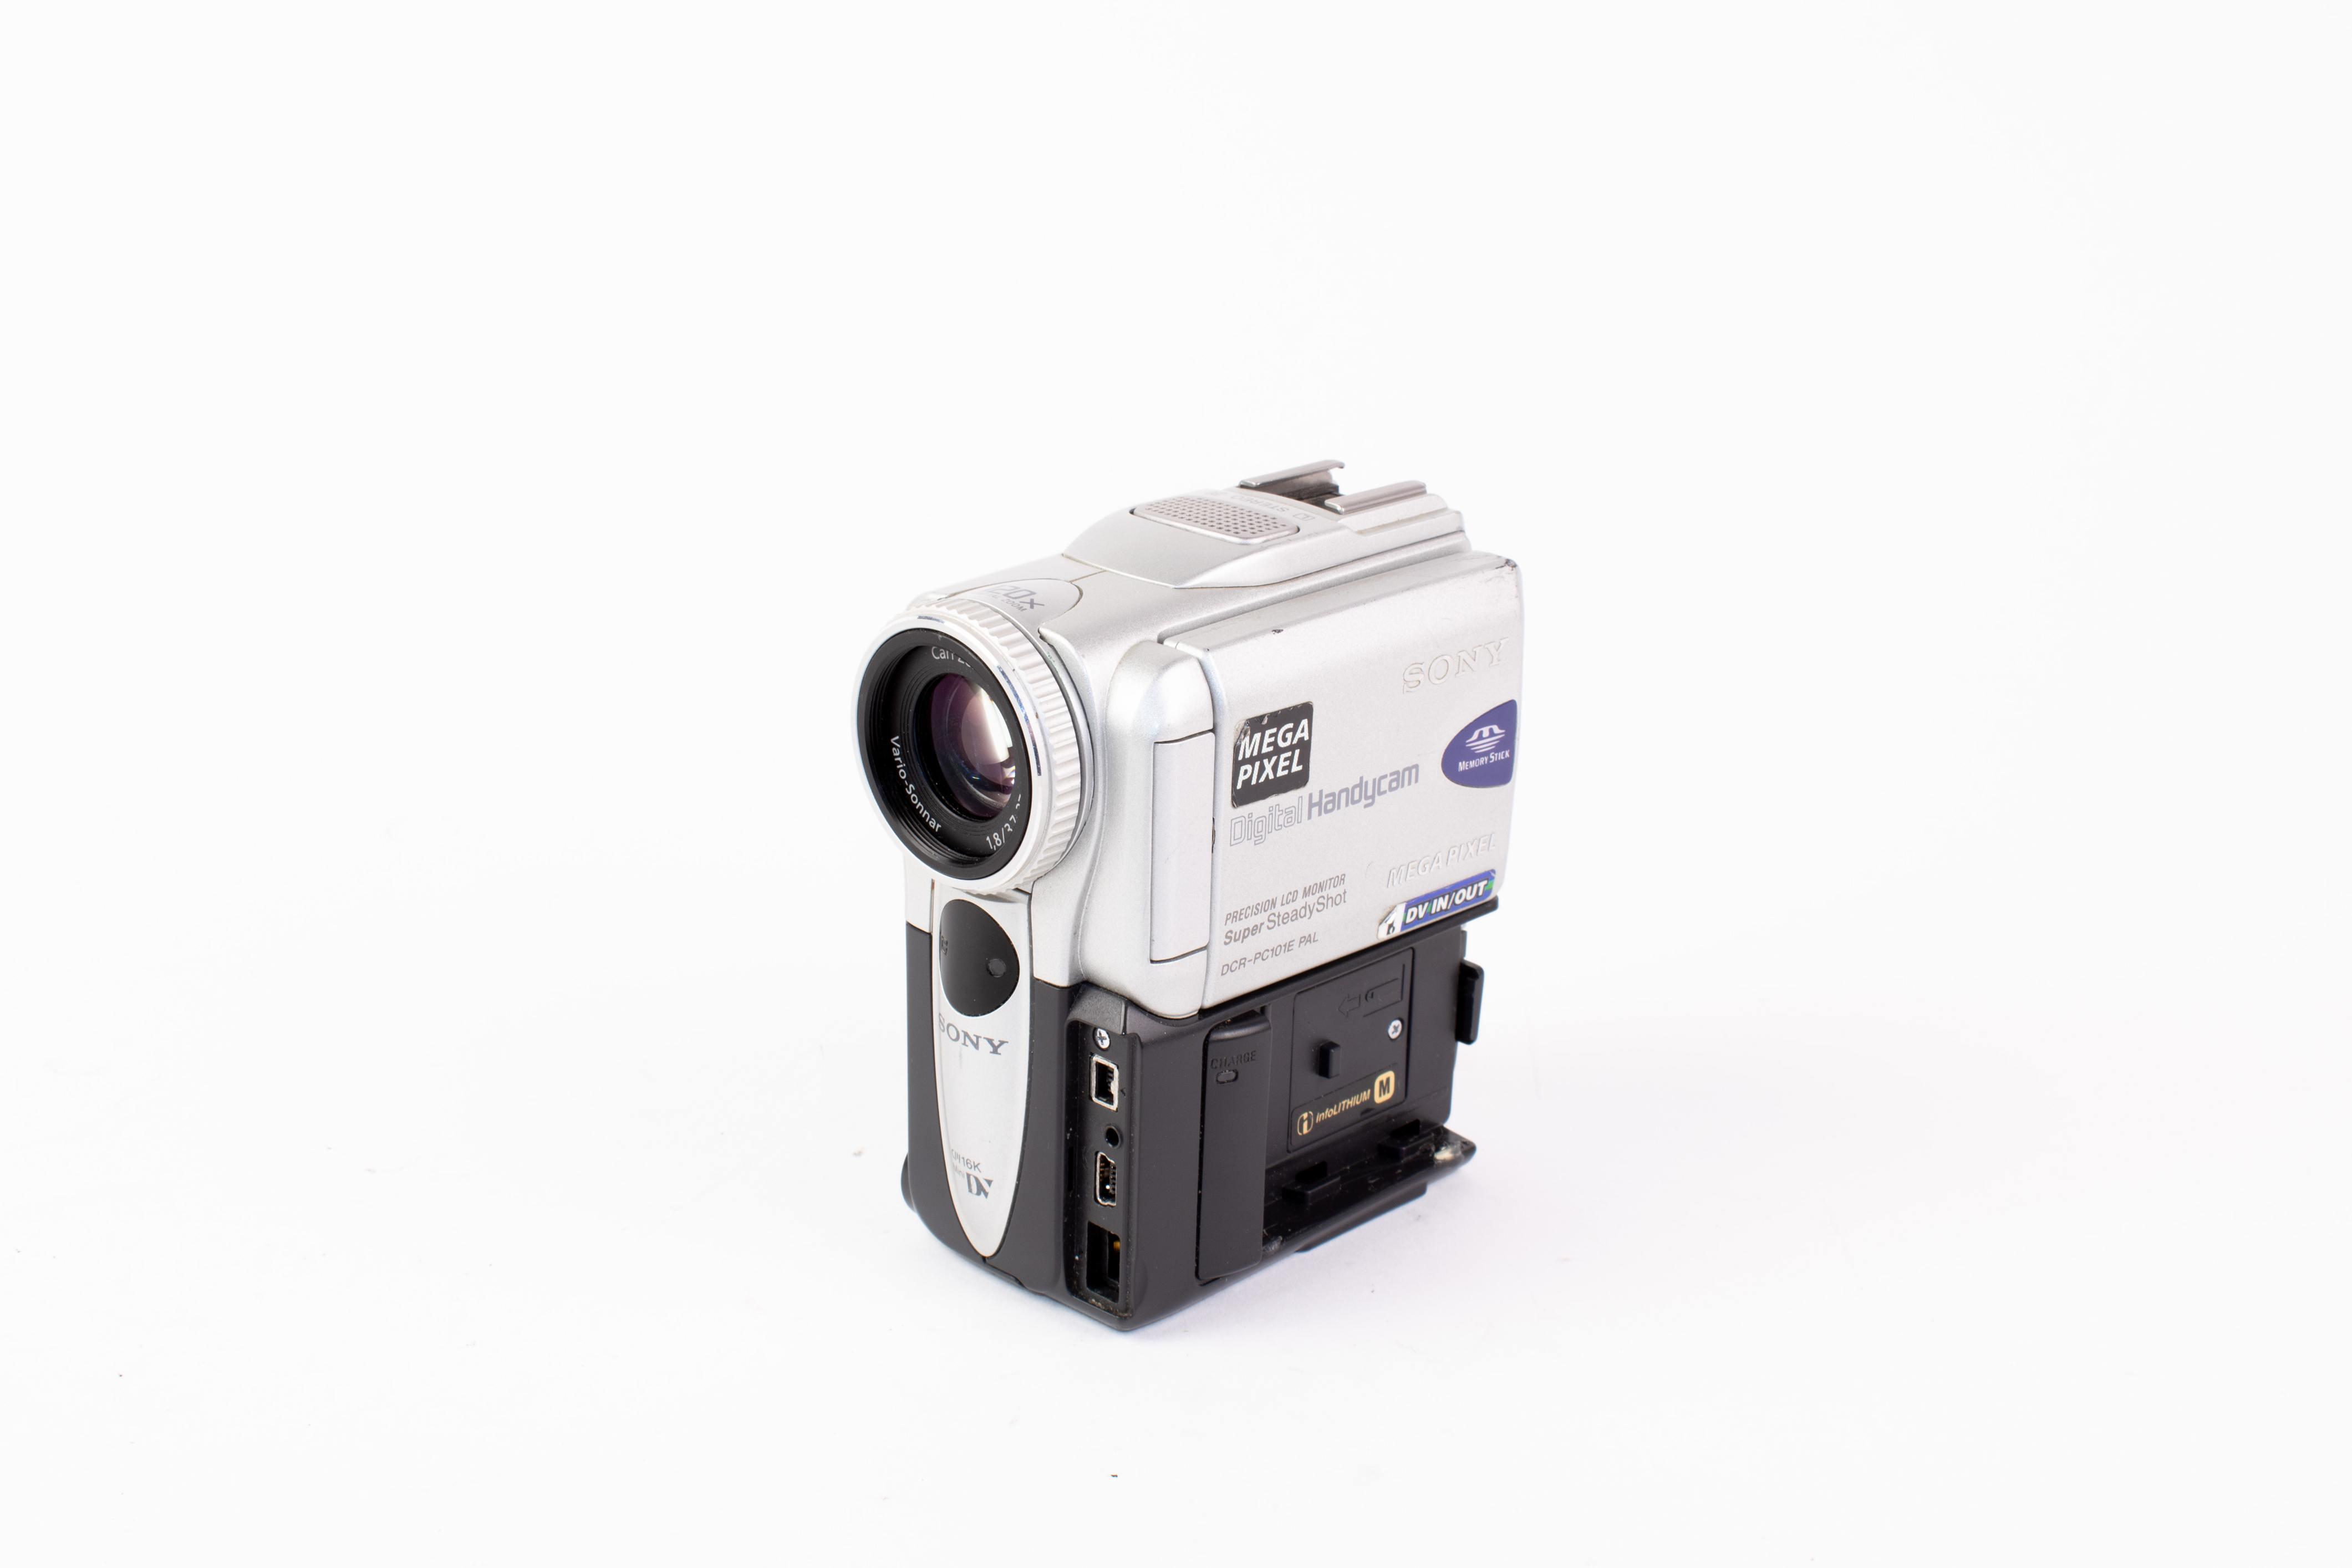 DCR-PC101E